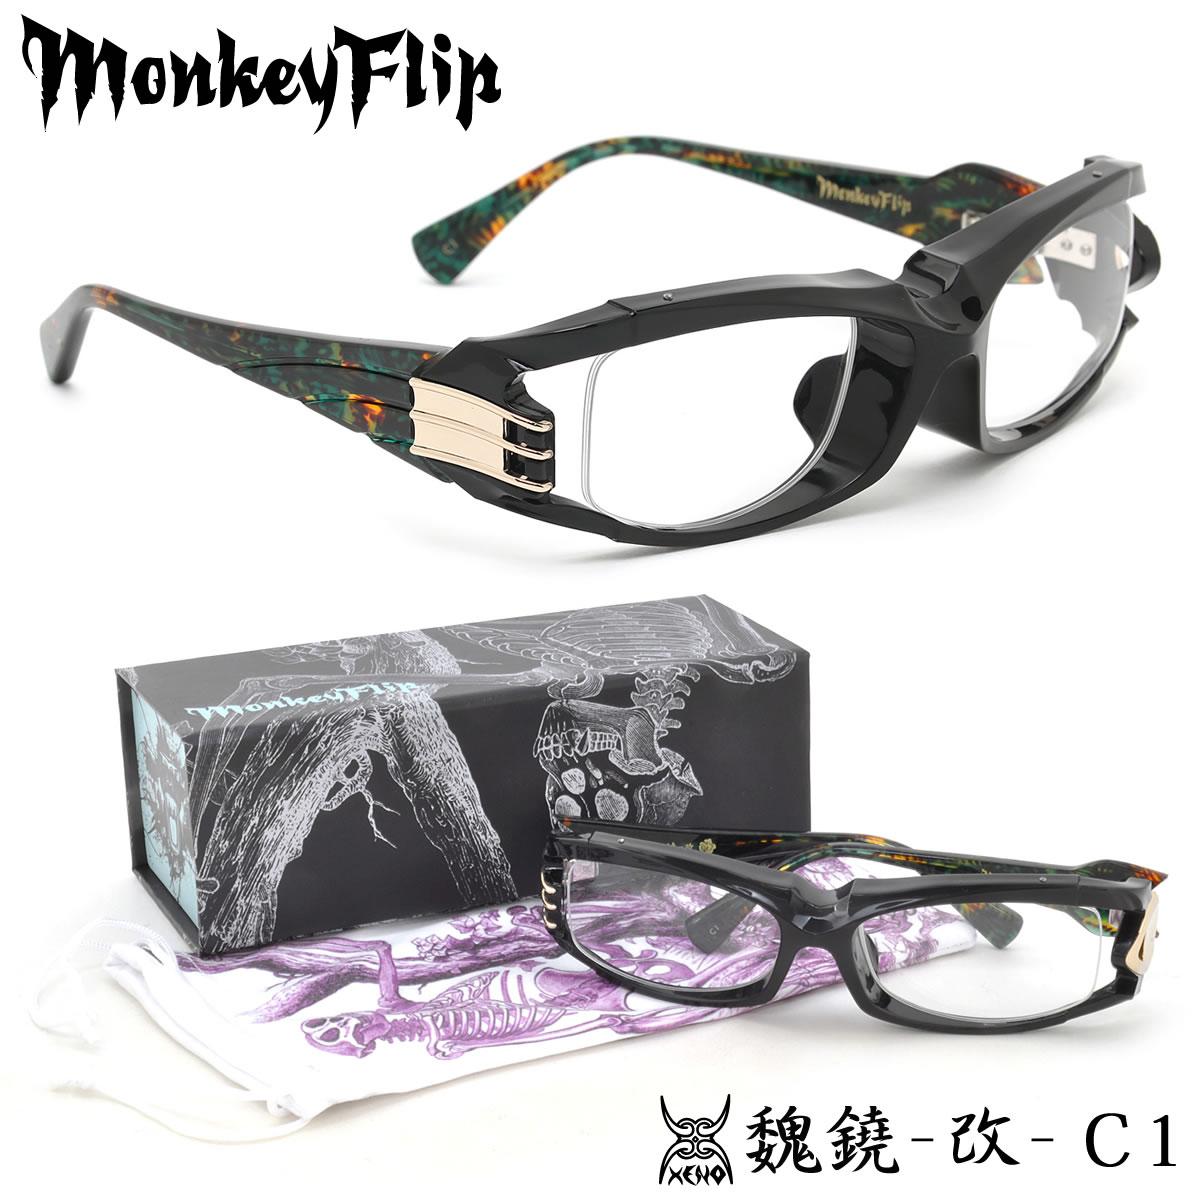 【Monkey Flip】(モンキーフリップ) メガネ 魏鐃改 C1 61サイズ 魏鐃-改- XENO ギドラカイ ゼノ モンキーフリップ MonkeyFlip メンズ レディース